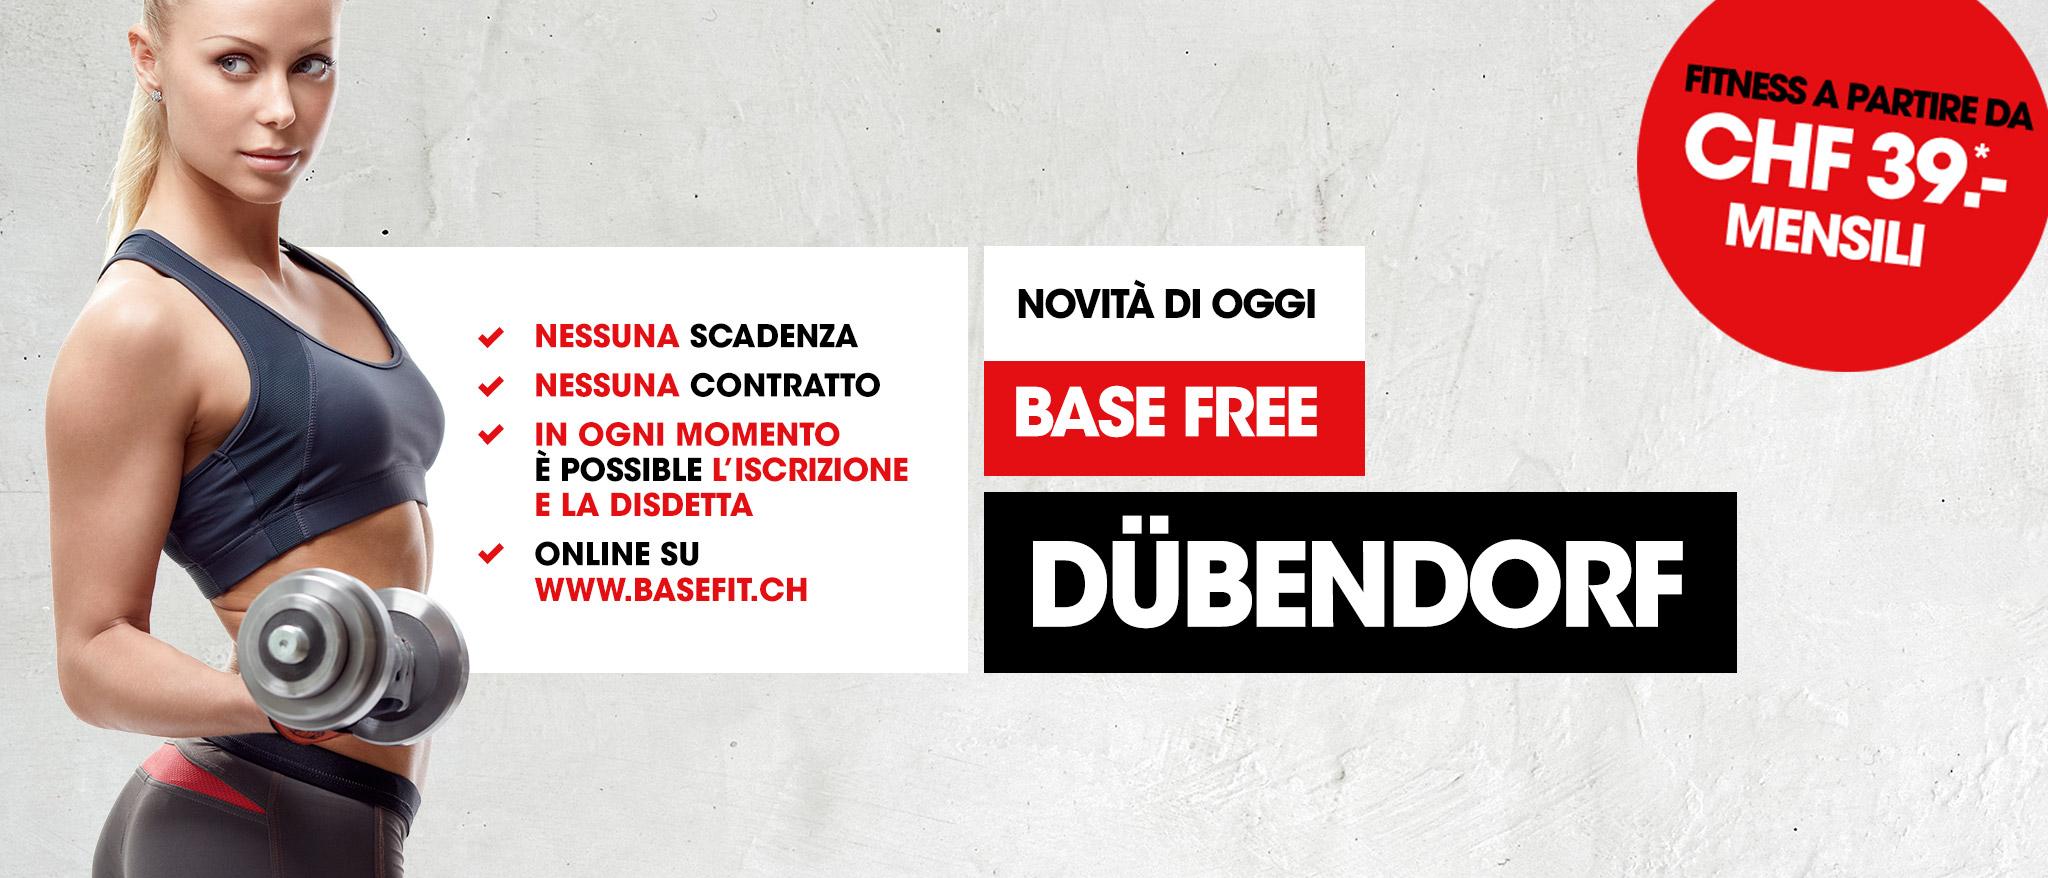 Base Free a Dübendorf